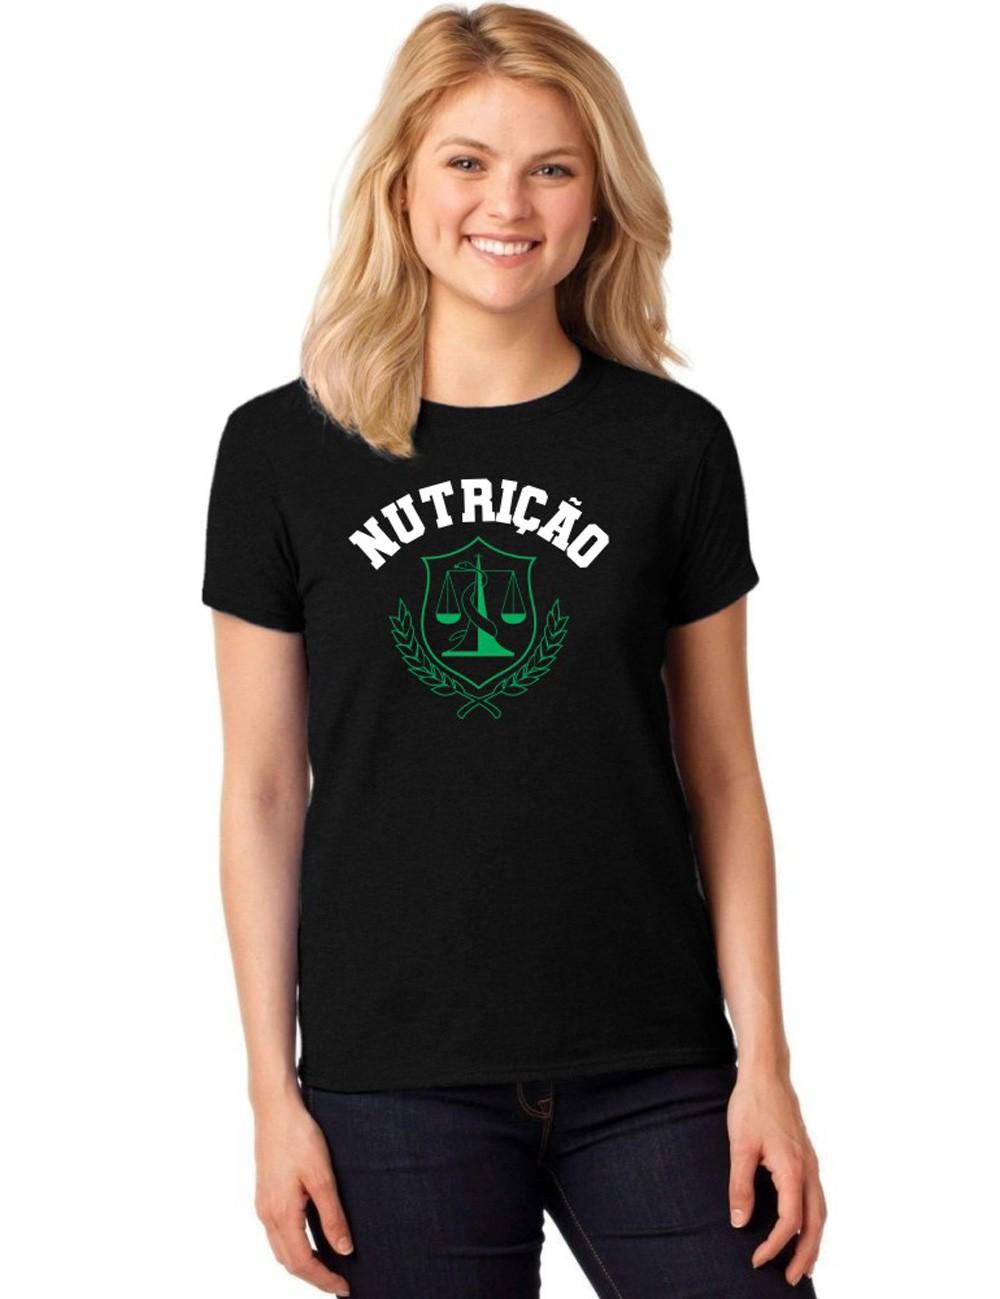 Camiseta Feminina T-Shirt Universitária Faculdade Nutrição